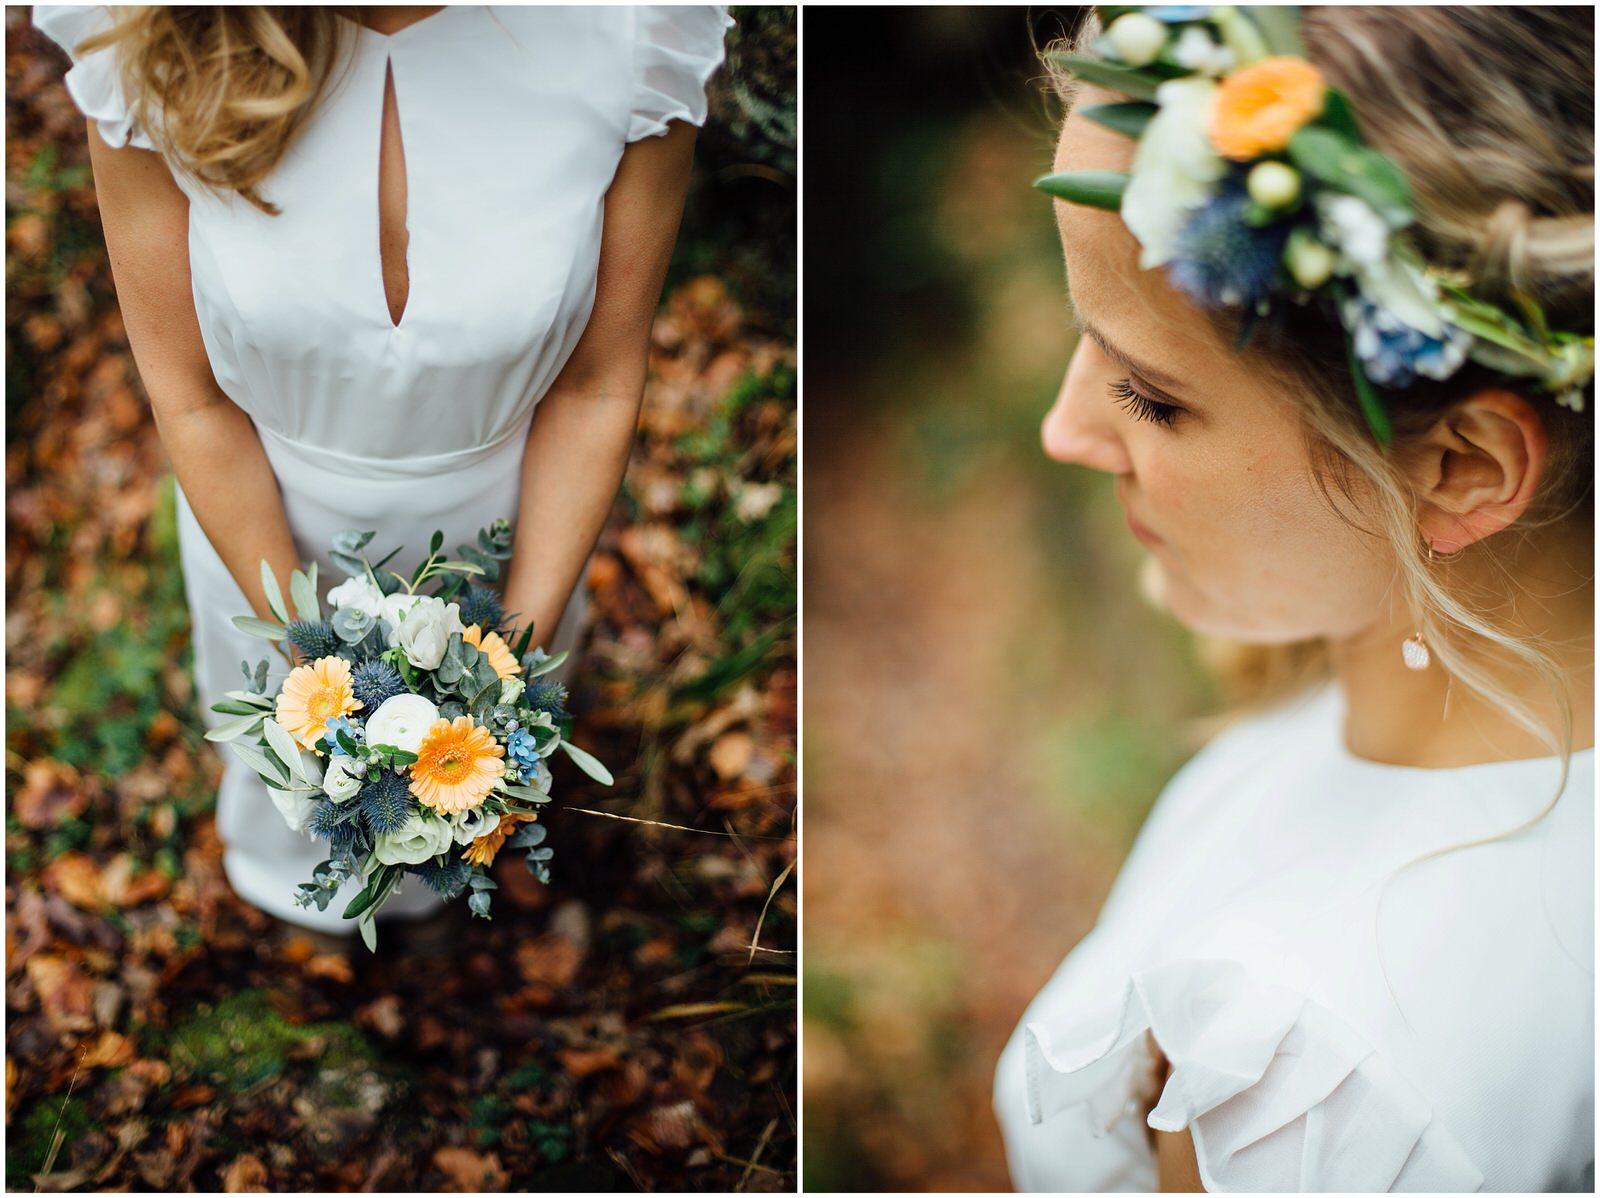 Hochzeitsfotograf_Rödental_Alte_Mühle_Alte_Orangerie_Schloss_Rosenau_100227220.JPG